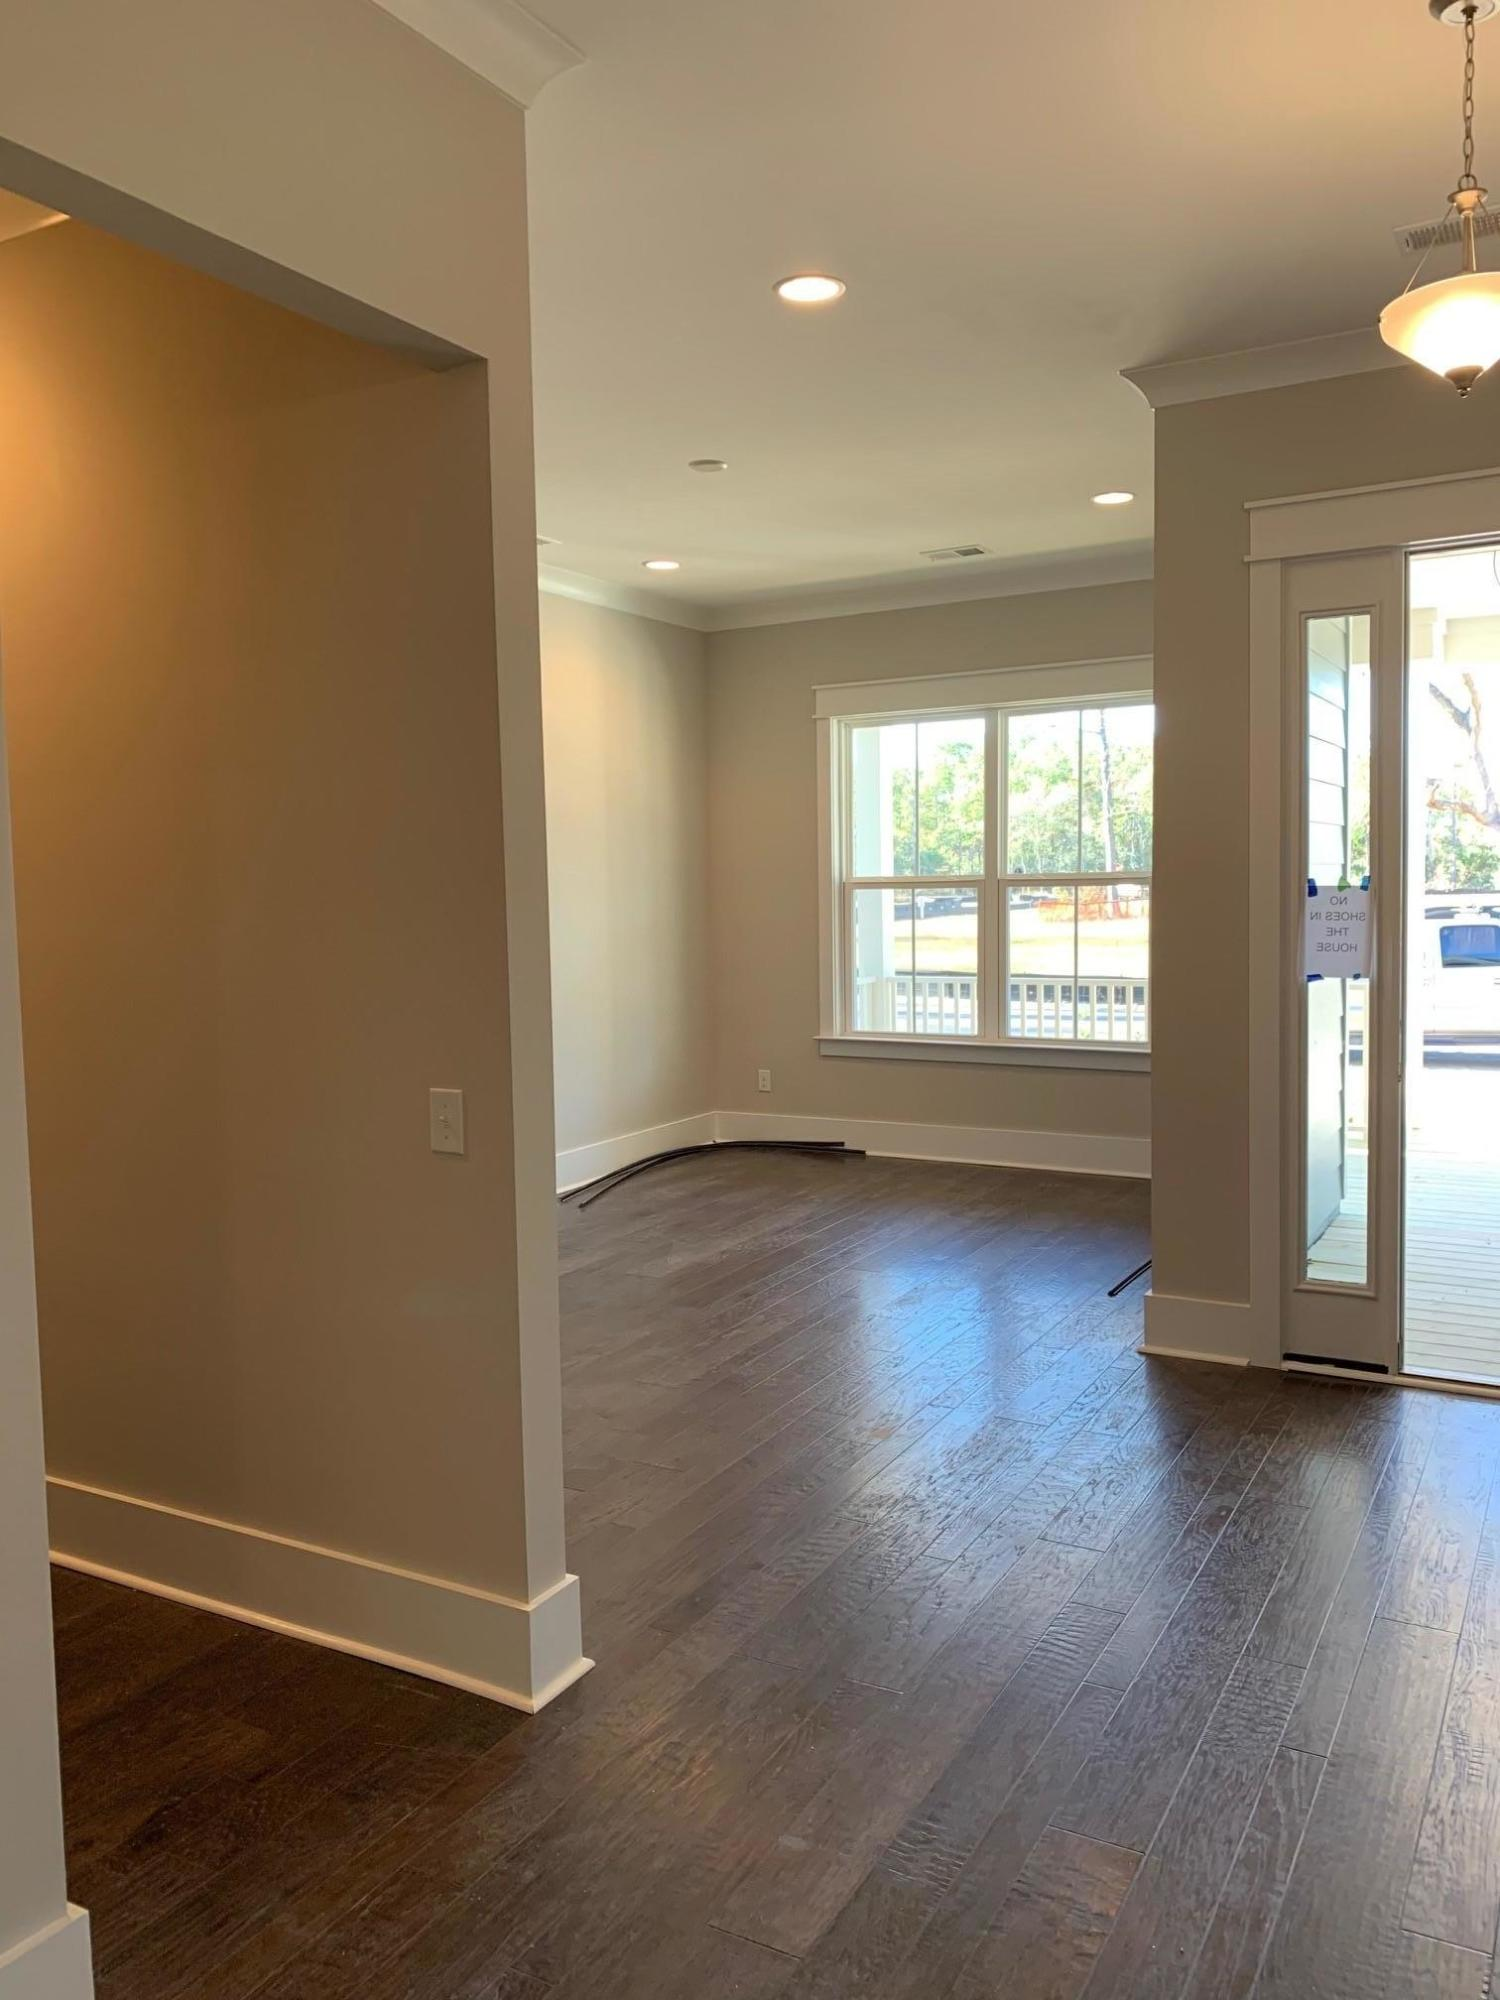 Dunes West Homes For Sale - 2661 Dutchman, Mount Pleasant, SC - 8